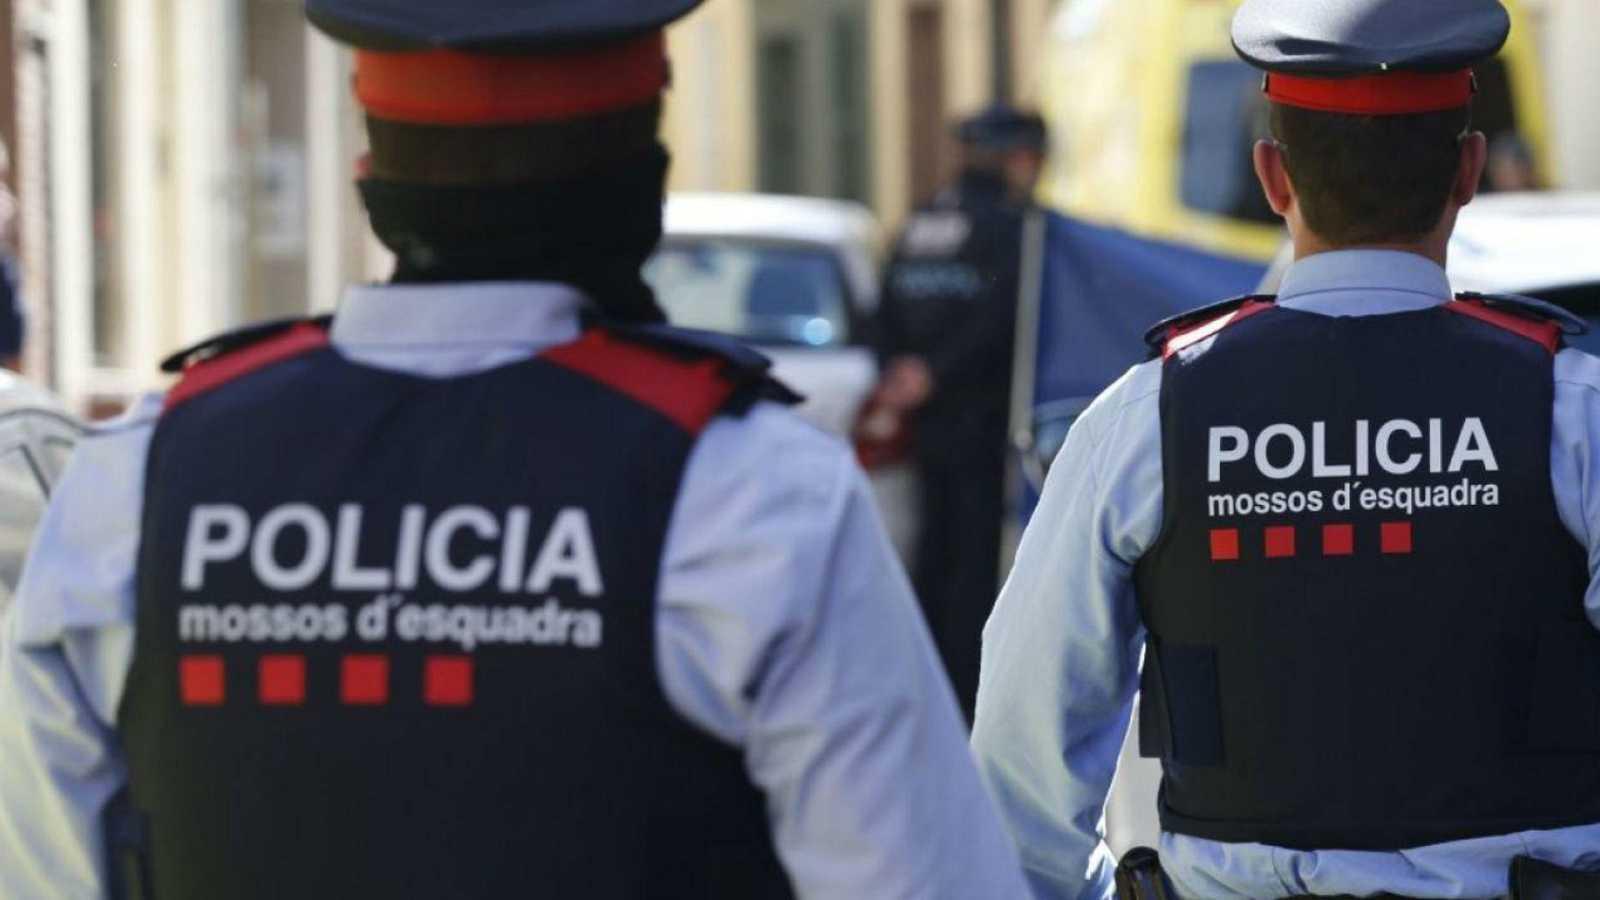 Edició Migdia - Els mossos investiguen la mort d'una dona cremada com a nou crim masclista